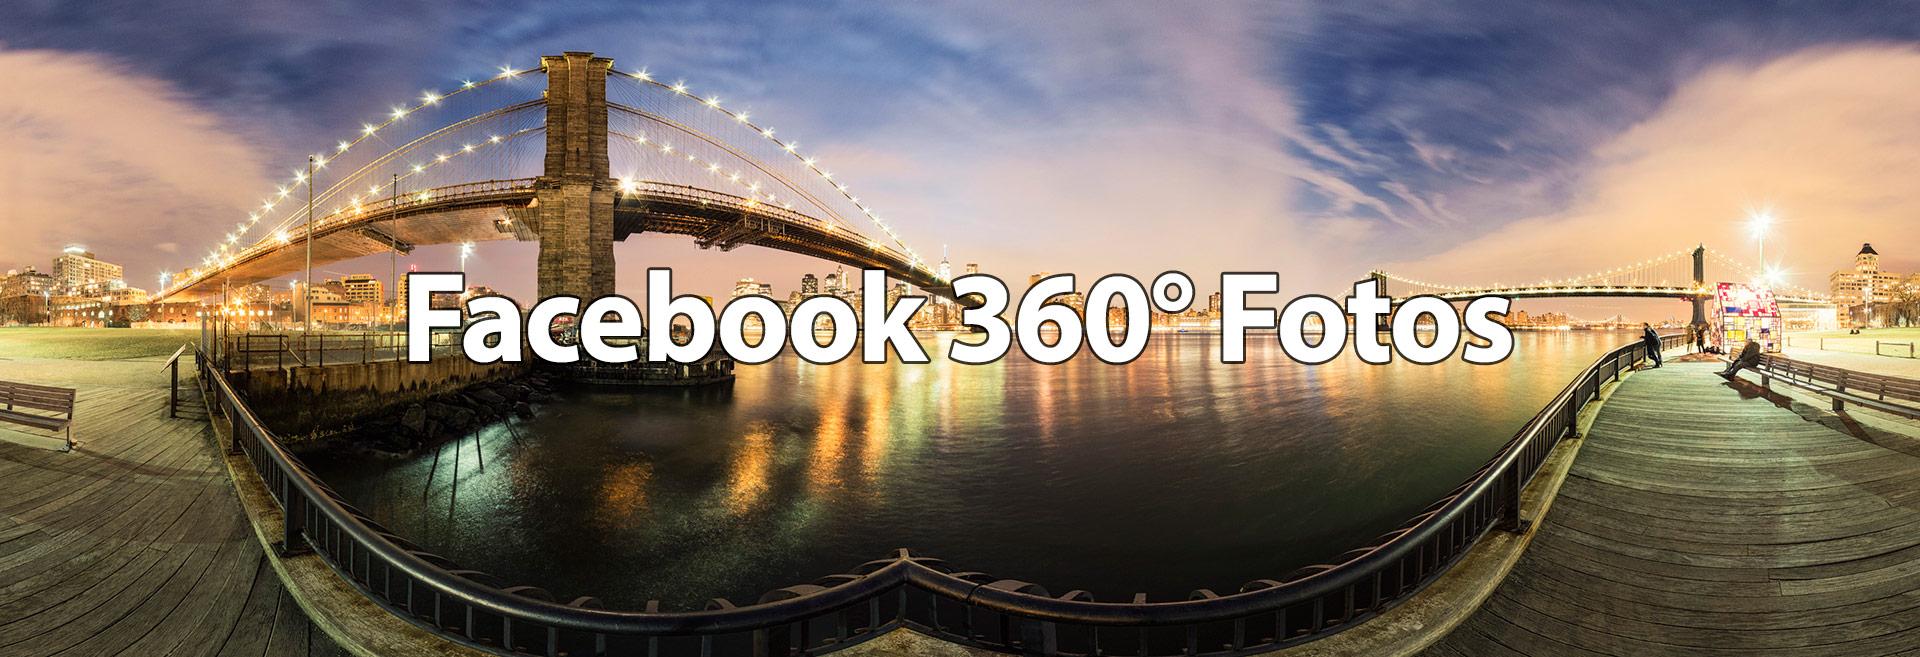 360 Grad fotos auf Facebook einbinden